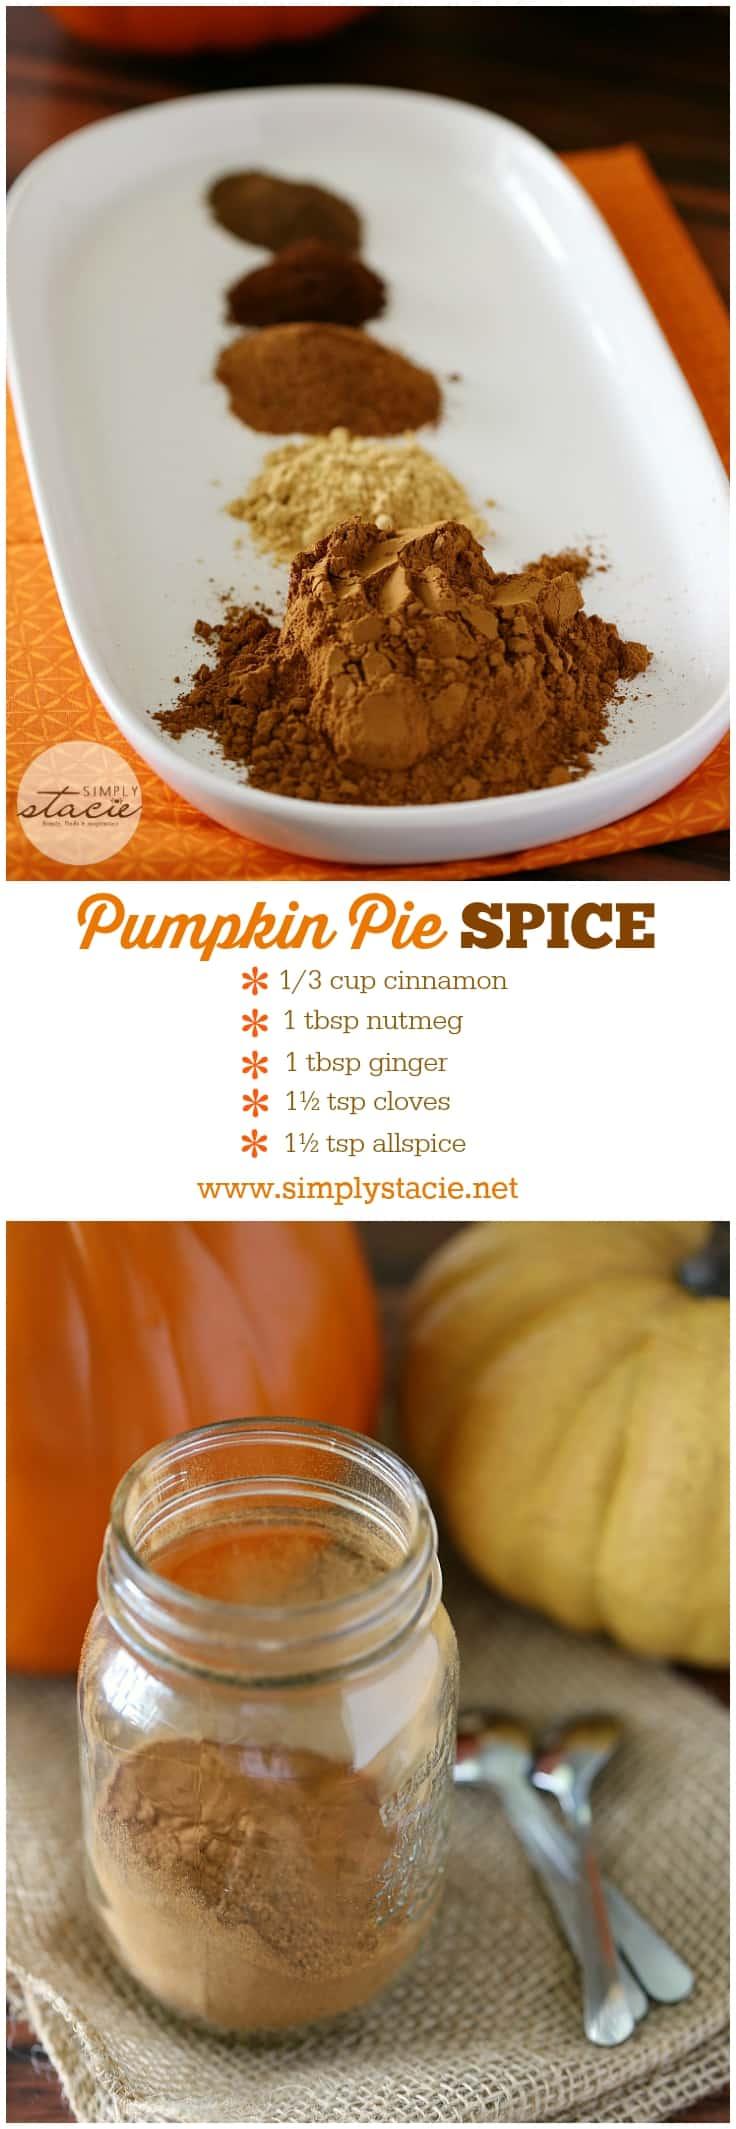 Homemade Pumpkin Pie Spice - Simply Stacie